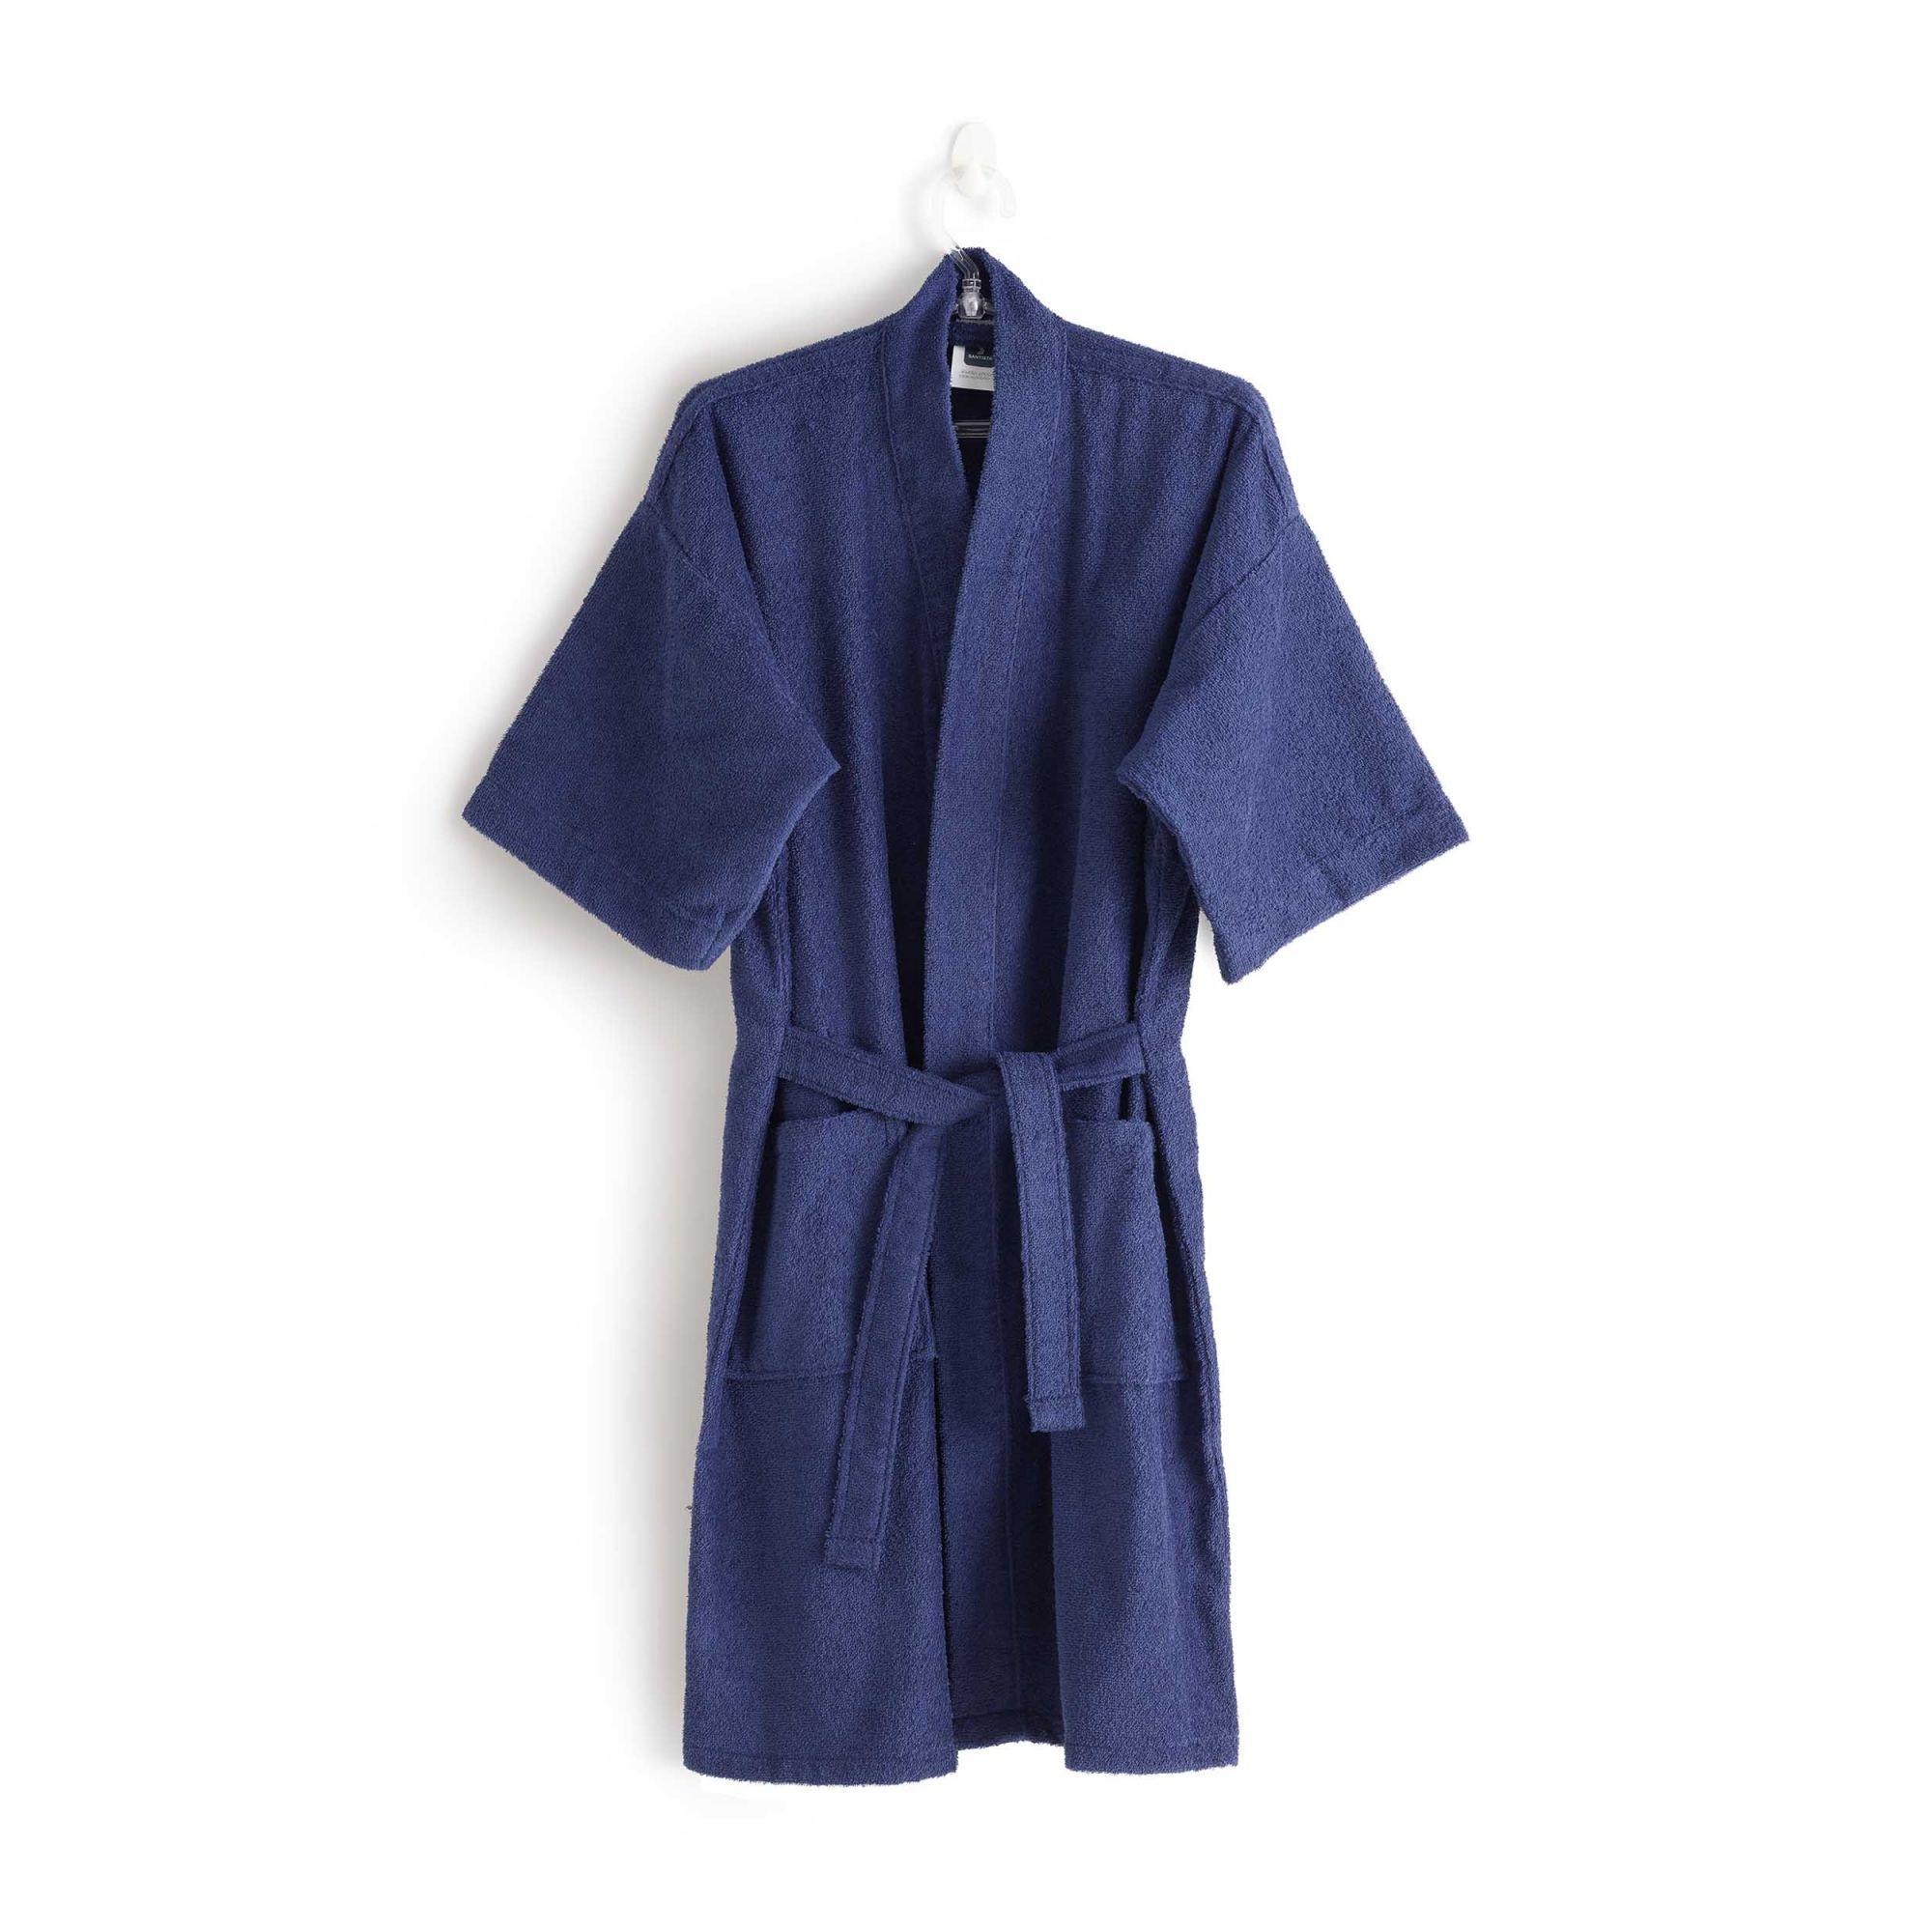 Roupão felpudo judoca azul santista grande 100% algodao